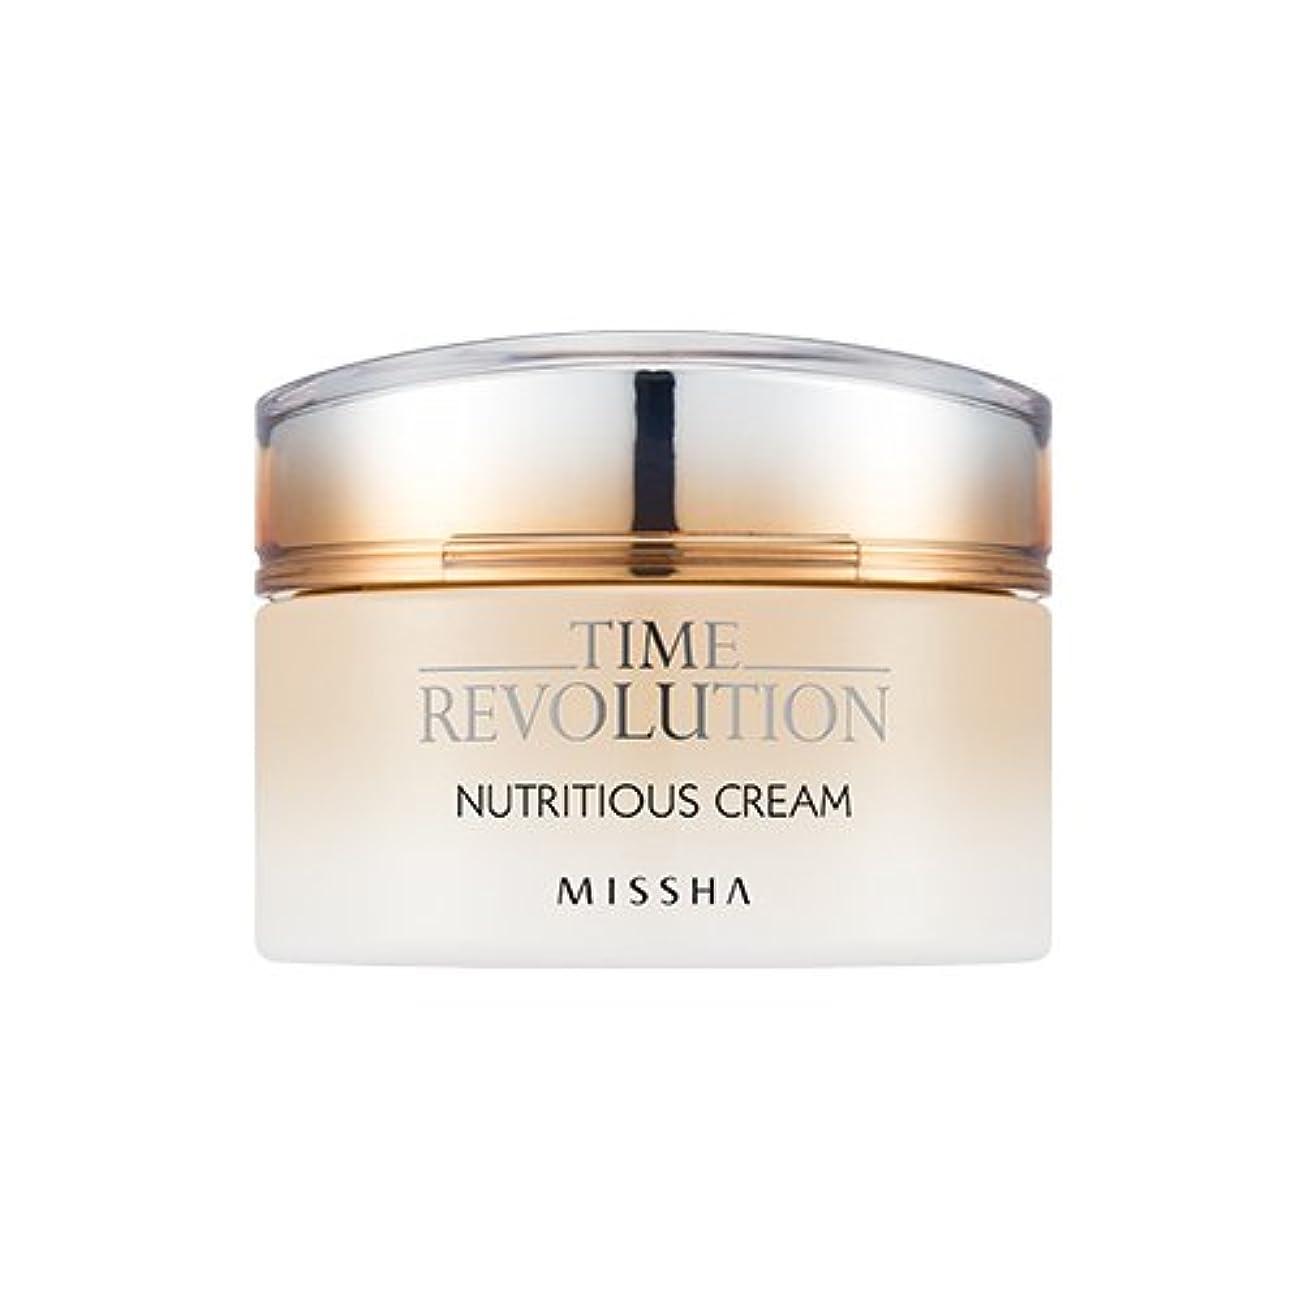 歯科医白雪姫意気消沈した[New] MISSHA Time Revolution Nutritious Cream 50ml/ミシャ タイム レボリューション ニュートリシャス クリーム 50ml [並行輸入品]